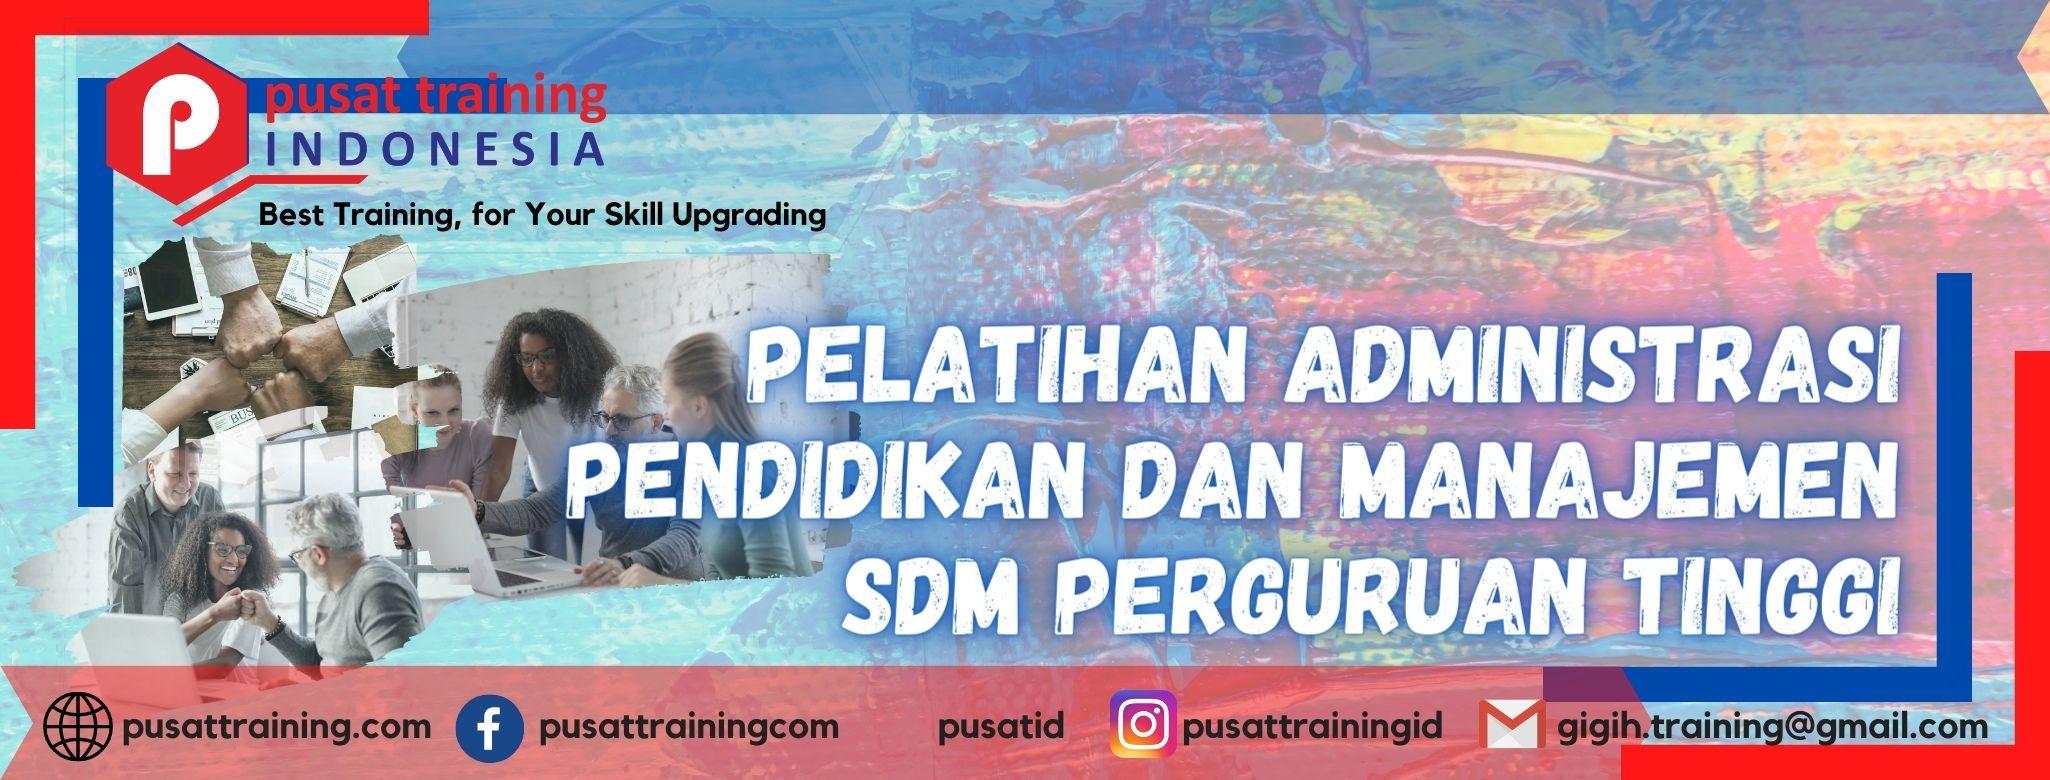 Pelatihan-Administrasi-Pendidikan-Dan-Manajemen-SDM-Perguruan-Tinggi